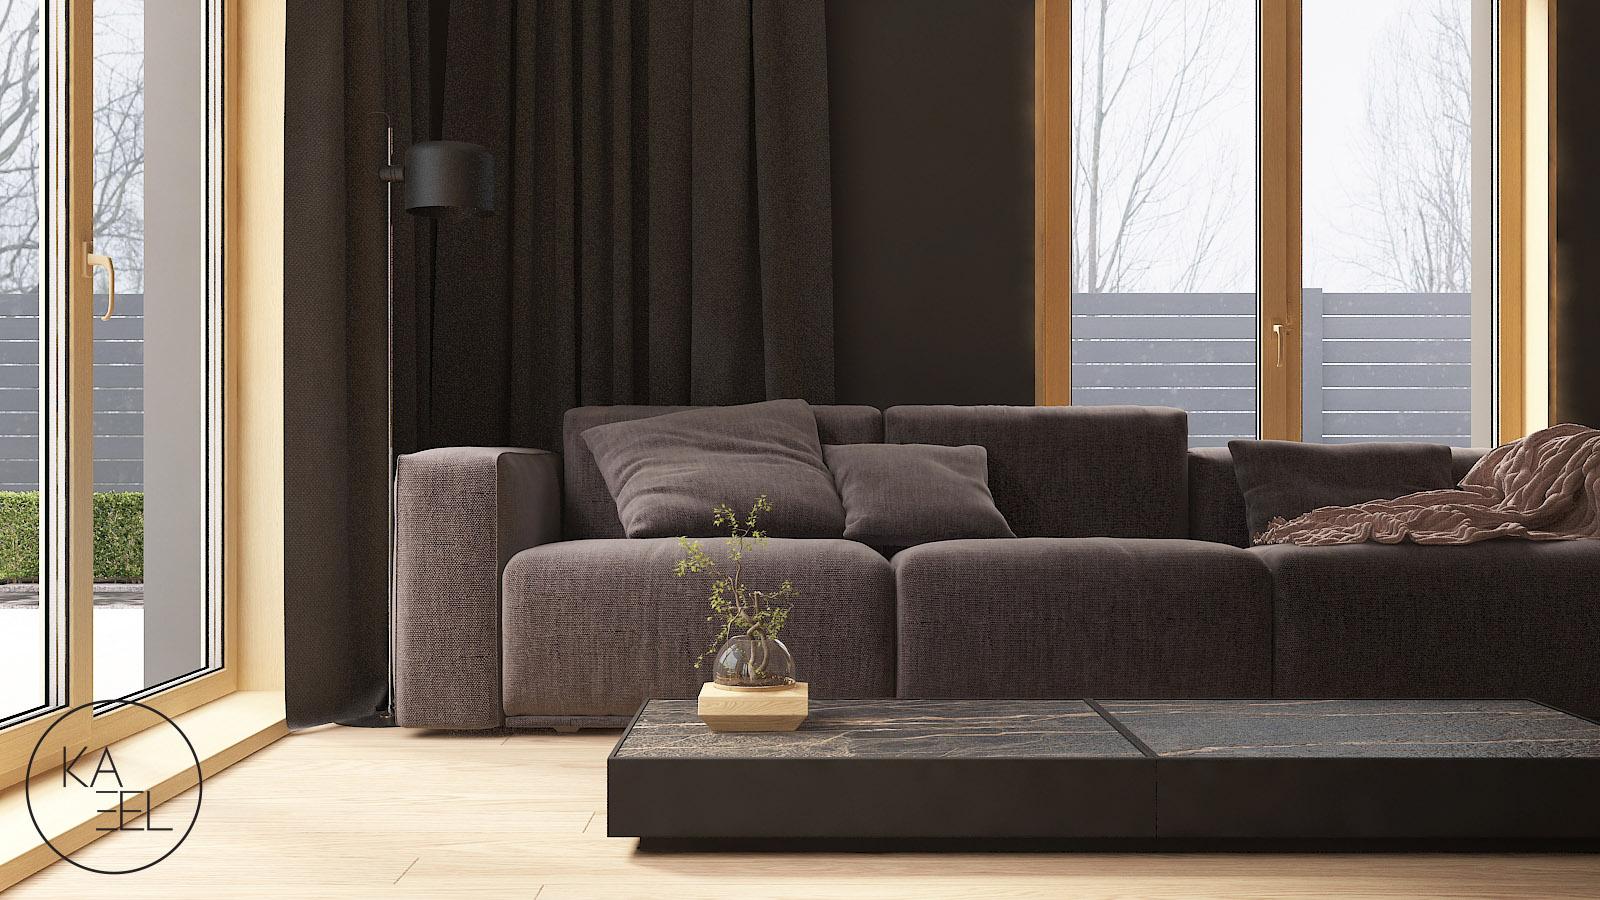 Sofa modułowa w projekcie Mozaika